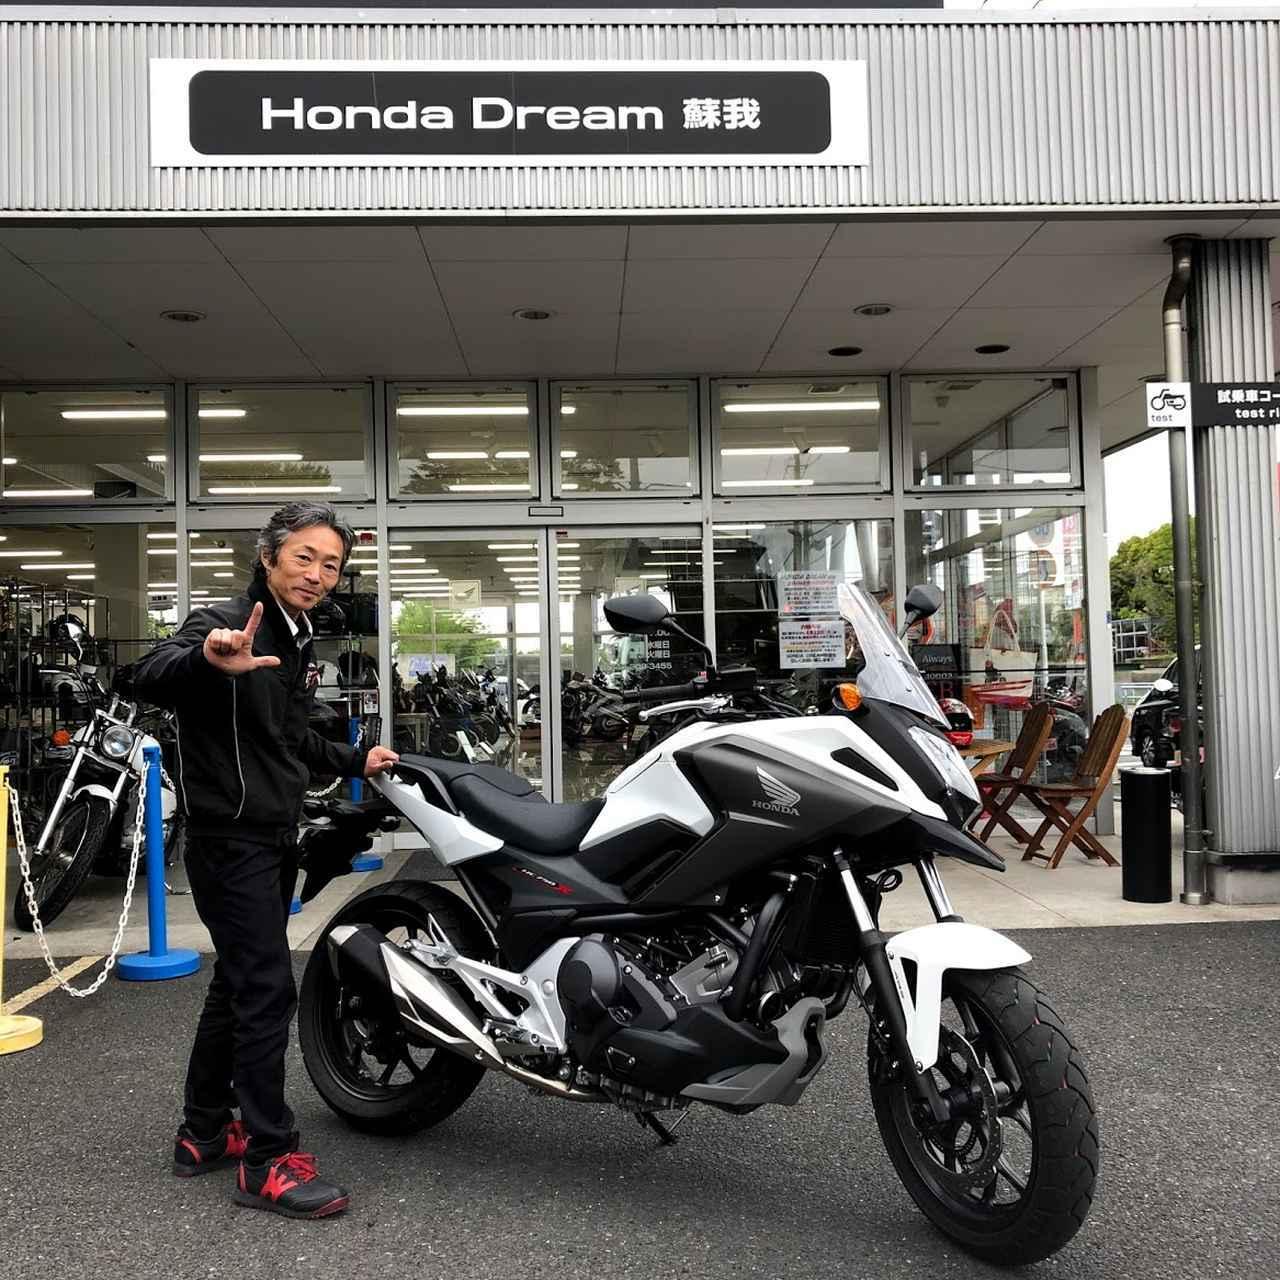 画像: NC750X DCTに乗って、プロの話しを聞きに行ってみたー! - webオートバイ